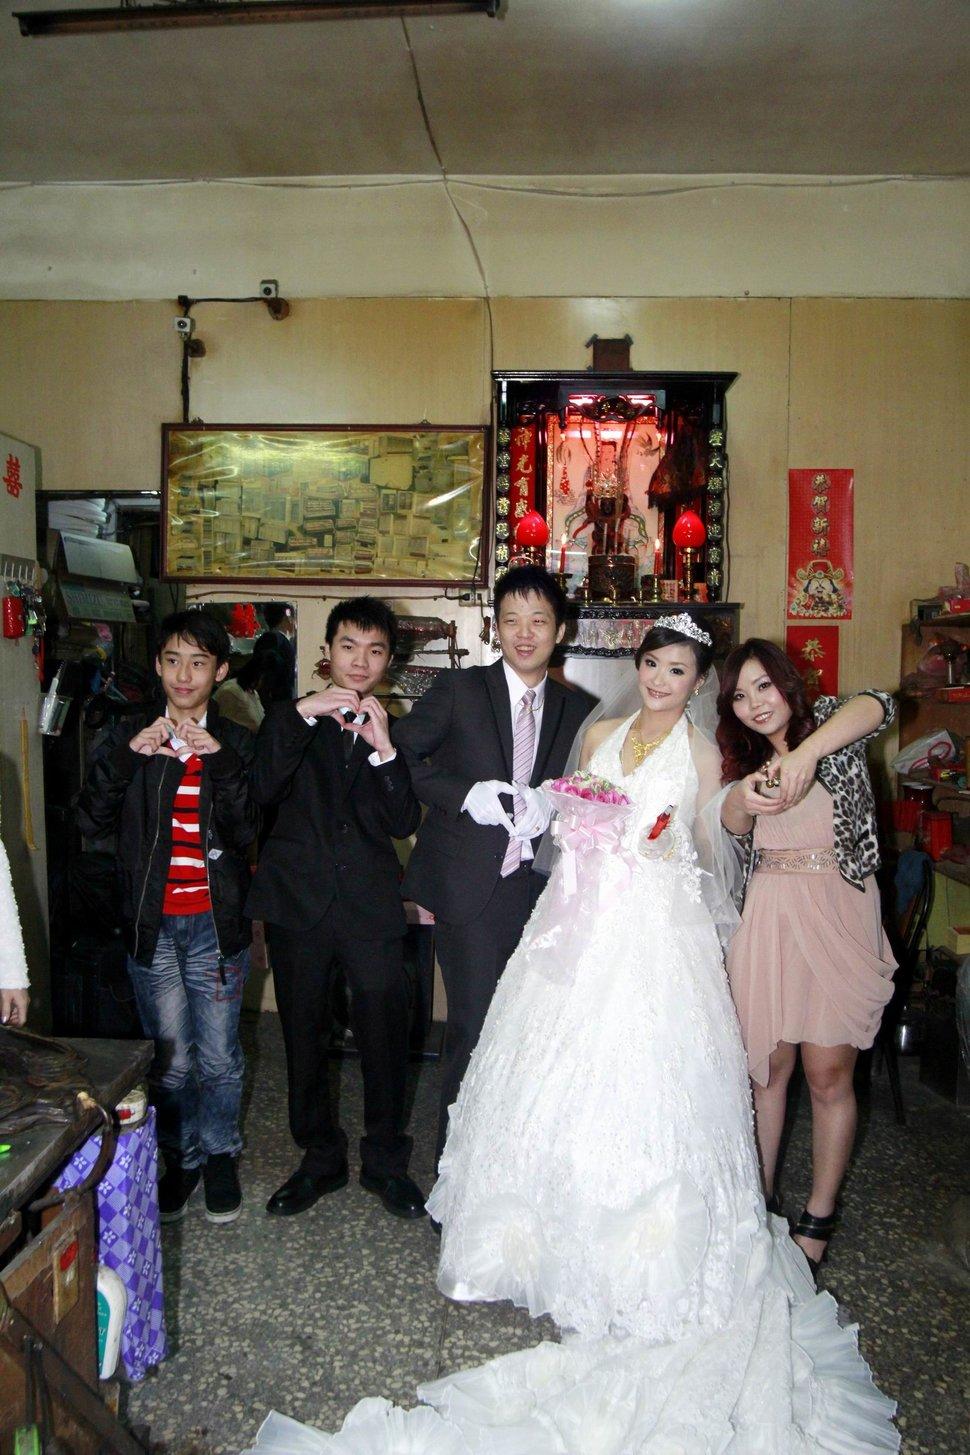 蜜月婚攝新莊美食喜相逢餐廳會館結婚迎娶儀式晚宴婚禮記錄動態微電影錄影專業錄影平面攝影婚攝婚禮主持人(編號:270478) - 蜜月拍照10800錄影12800攝影團隊 - 結婚吧